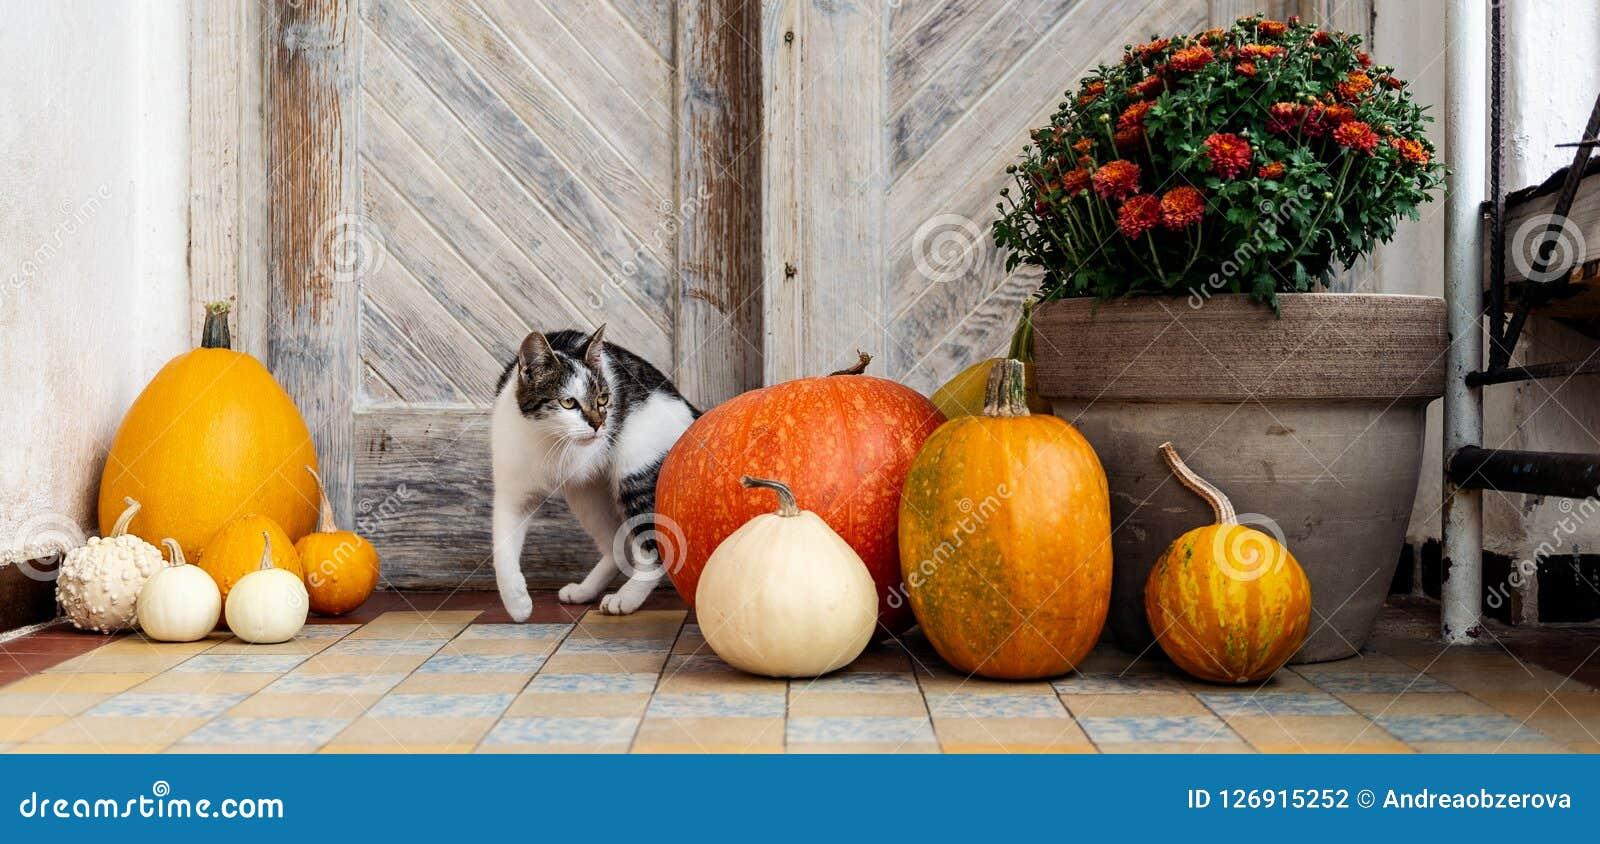 Gato com o pé amputado que está pela porta da rua decorada com abóboras Front Porch decorou para a ação de graças